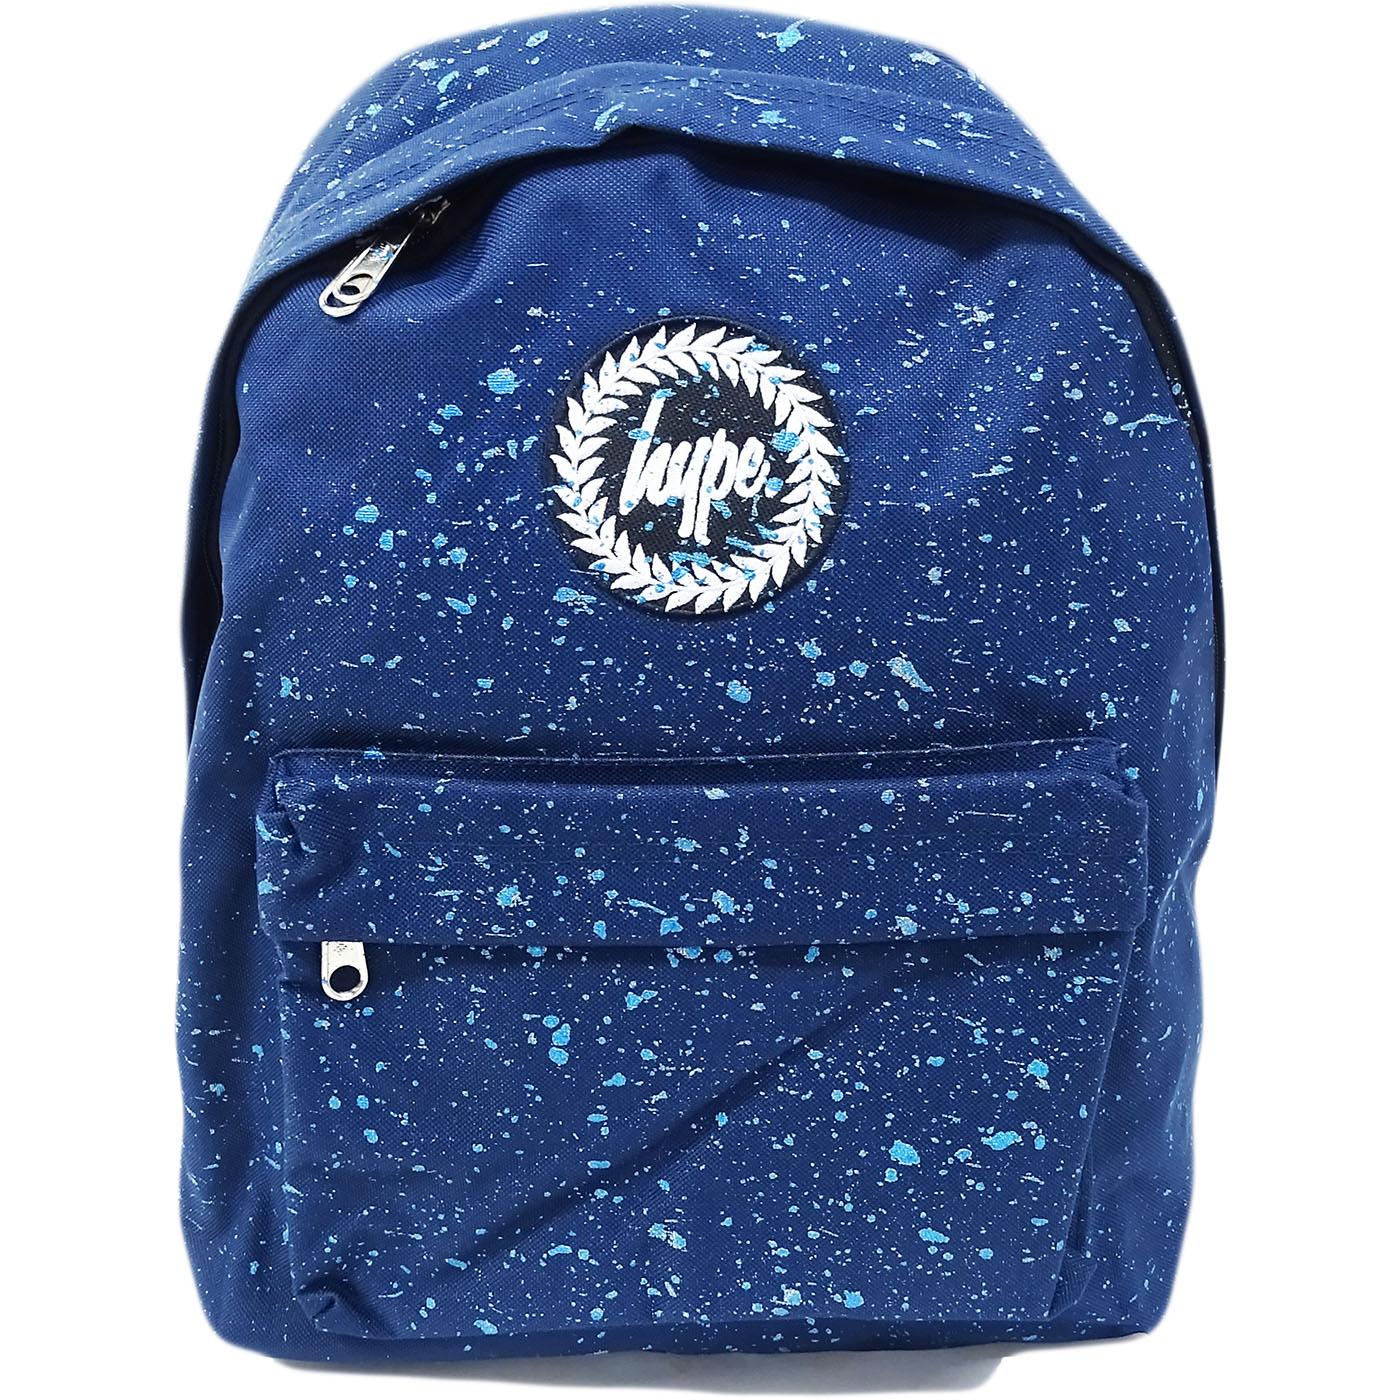 Hype Speckle Bag Navy / Blue Rucksack / Backpack Bag